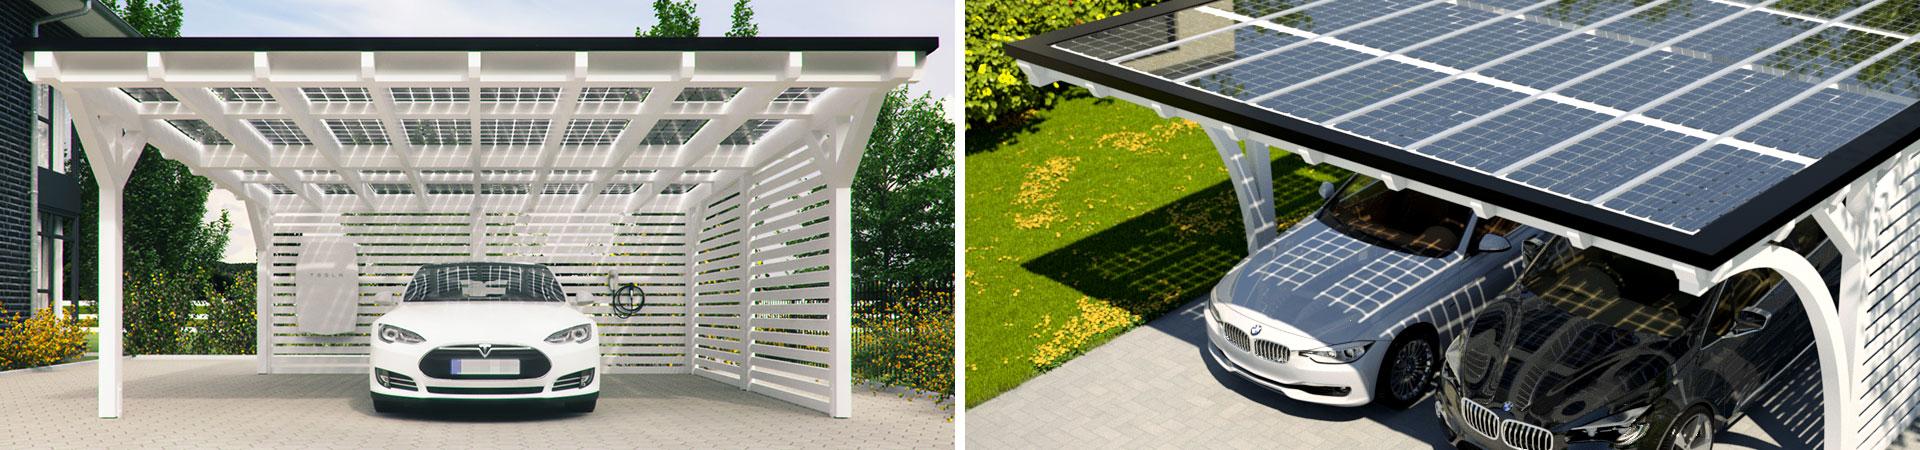 solarcarport der perfekte partner f r ein elektroauto im ratgeber auf. Black Bedroom Furniture Sets. Home Design Ideas